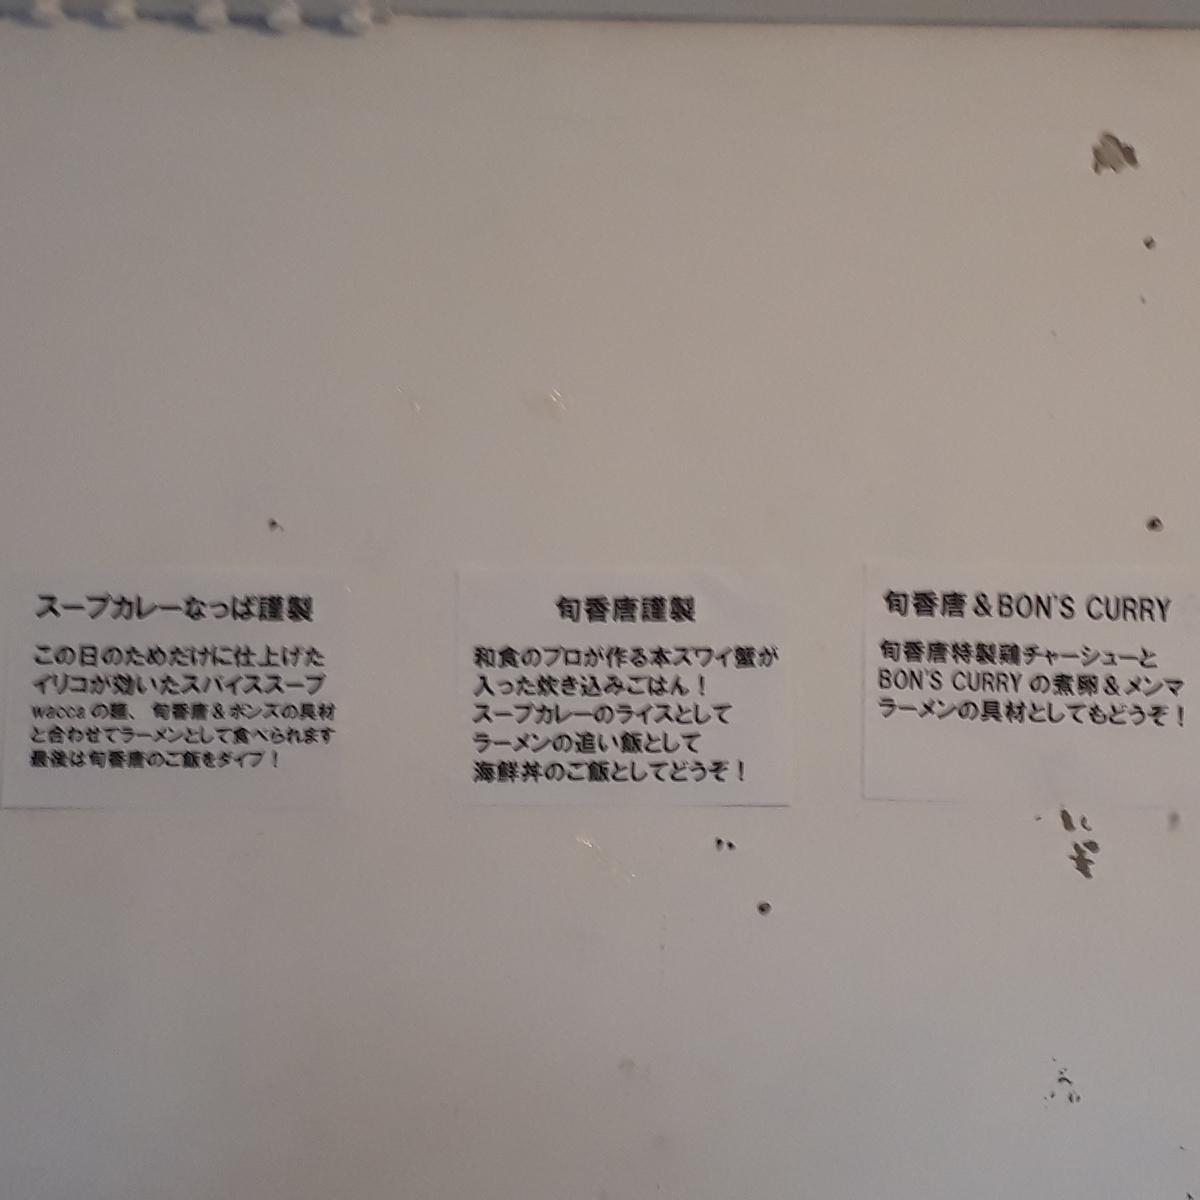 カレー事情聴取スパイス定食&バルVol.6 2019年7月21日 wacca×スープカレーなっぱ×旬香唐 BON'S CURRY メニュー